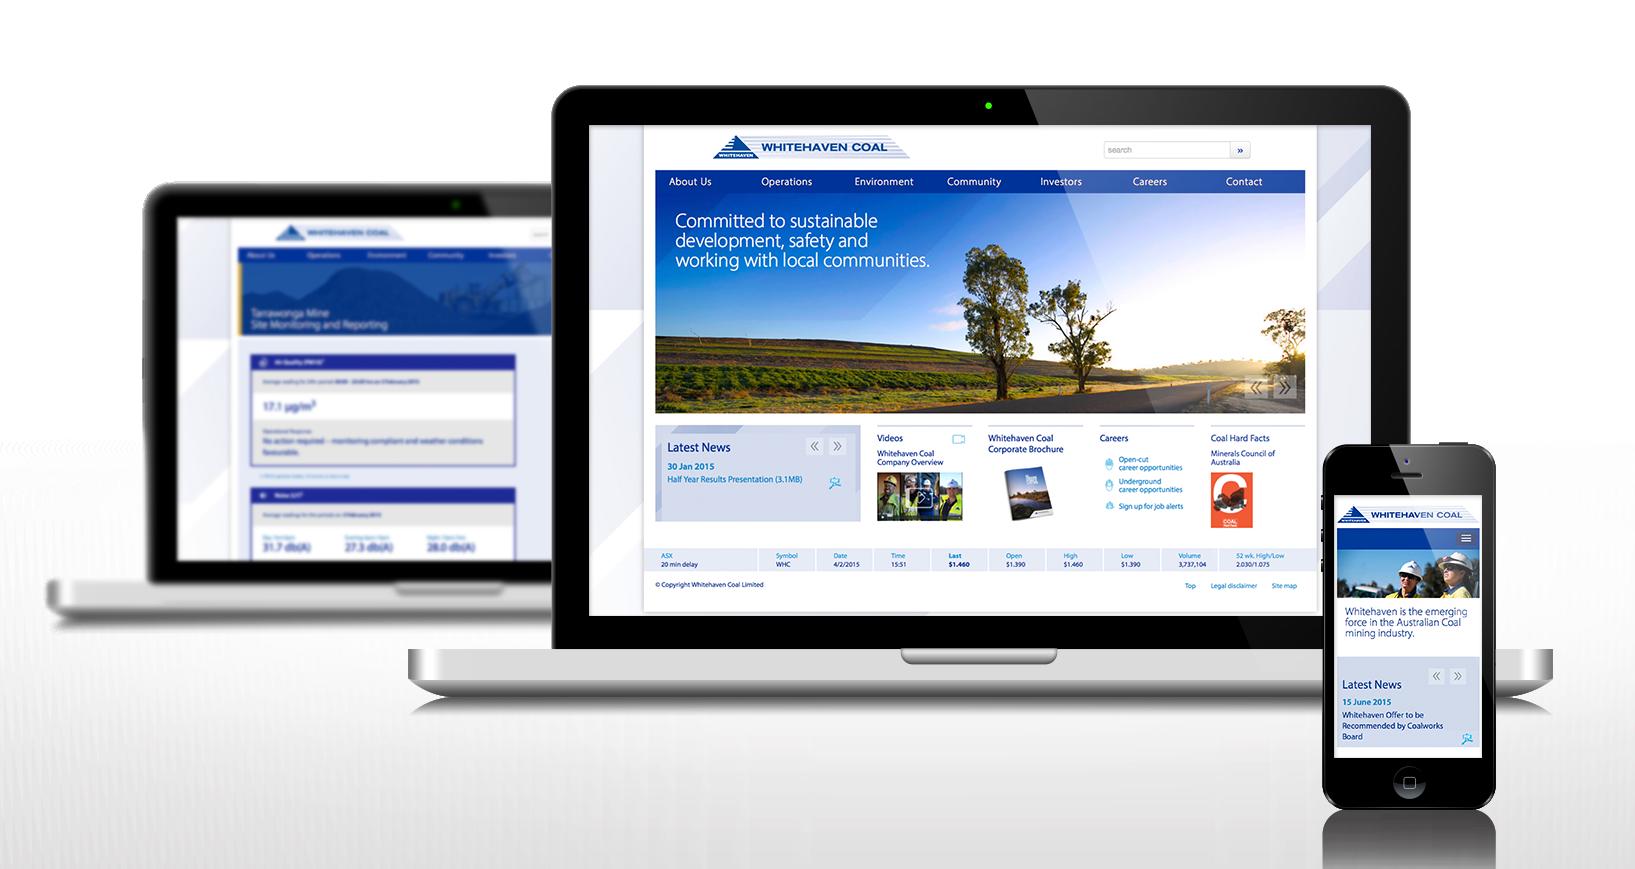 Web site design, domain management, database development,web site build and deploy, custom CMS, web site management.   www.whitehavencoal.com.au